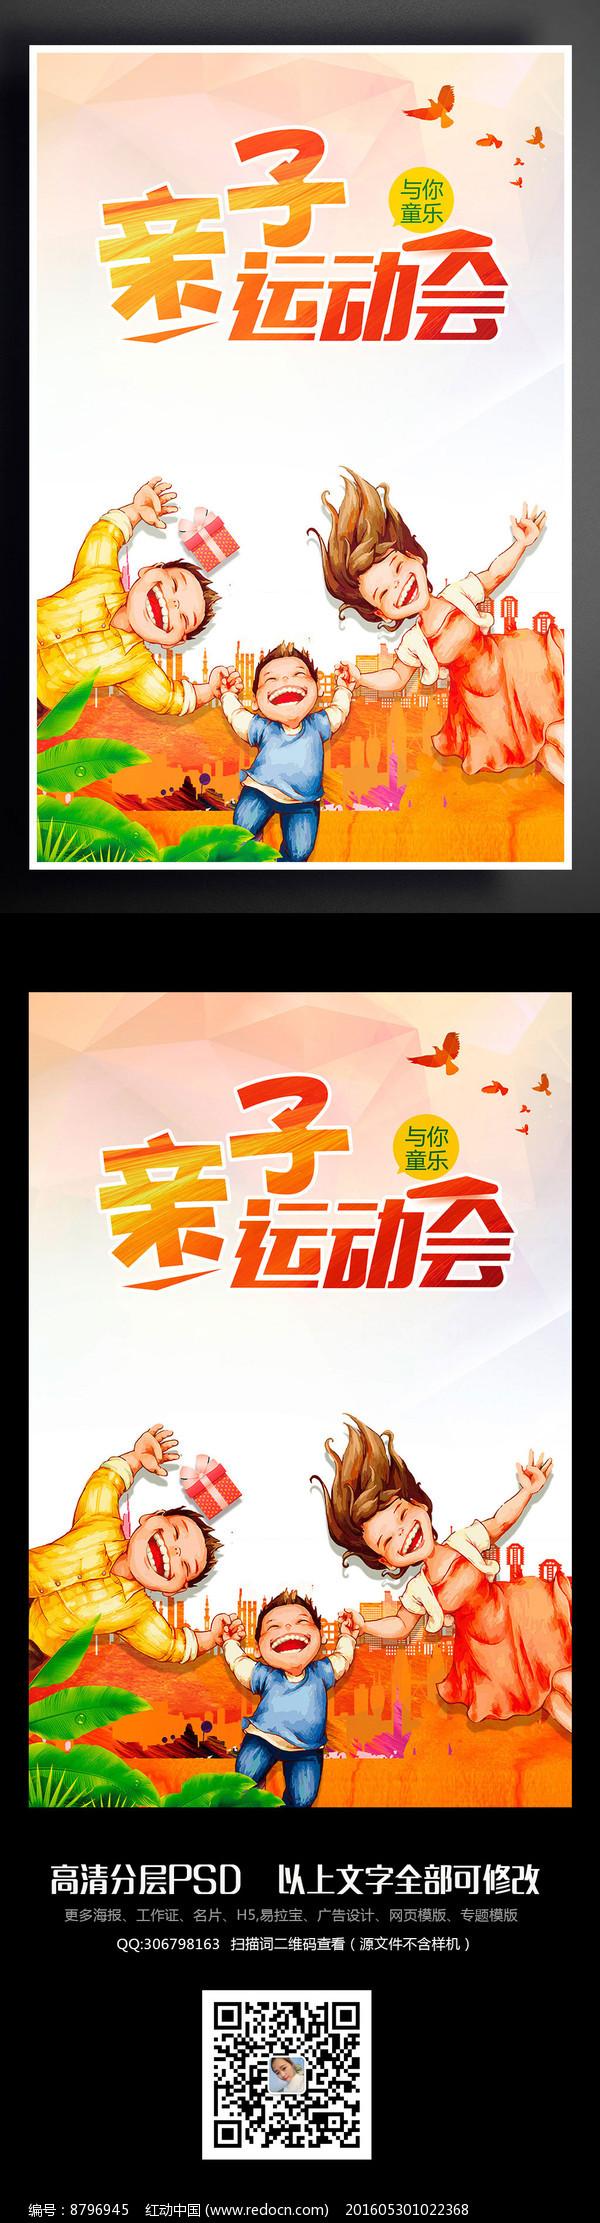 卡通幼儿园亲子运动会海报图片